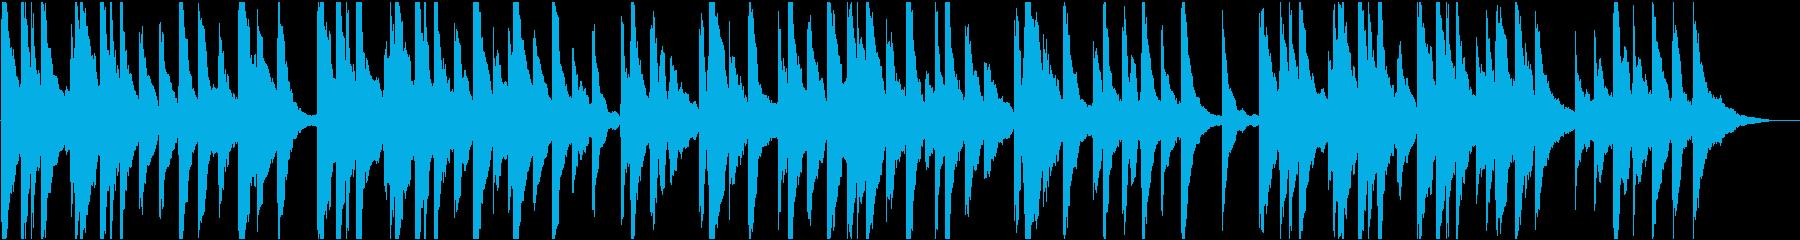 企業VP21 16bit44kHzVerの再生済みの波形